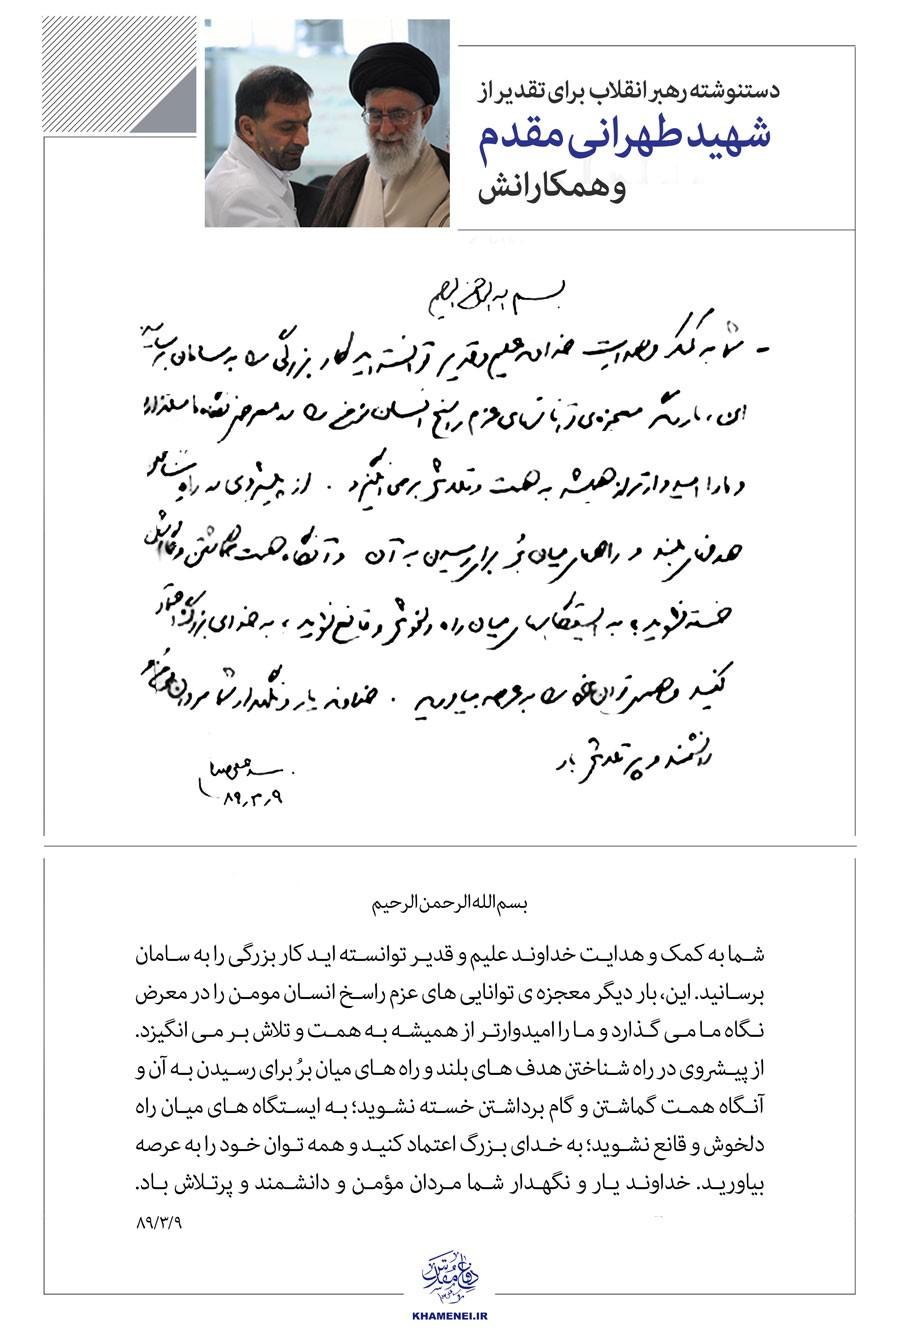 دستنوشته رهبر انقلاب برای تقدیر از شهید طهرانی مقدم و همکارانش